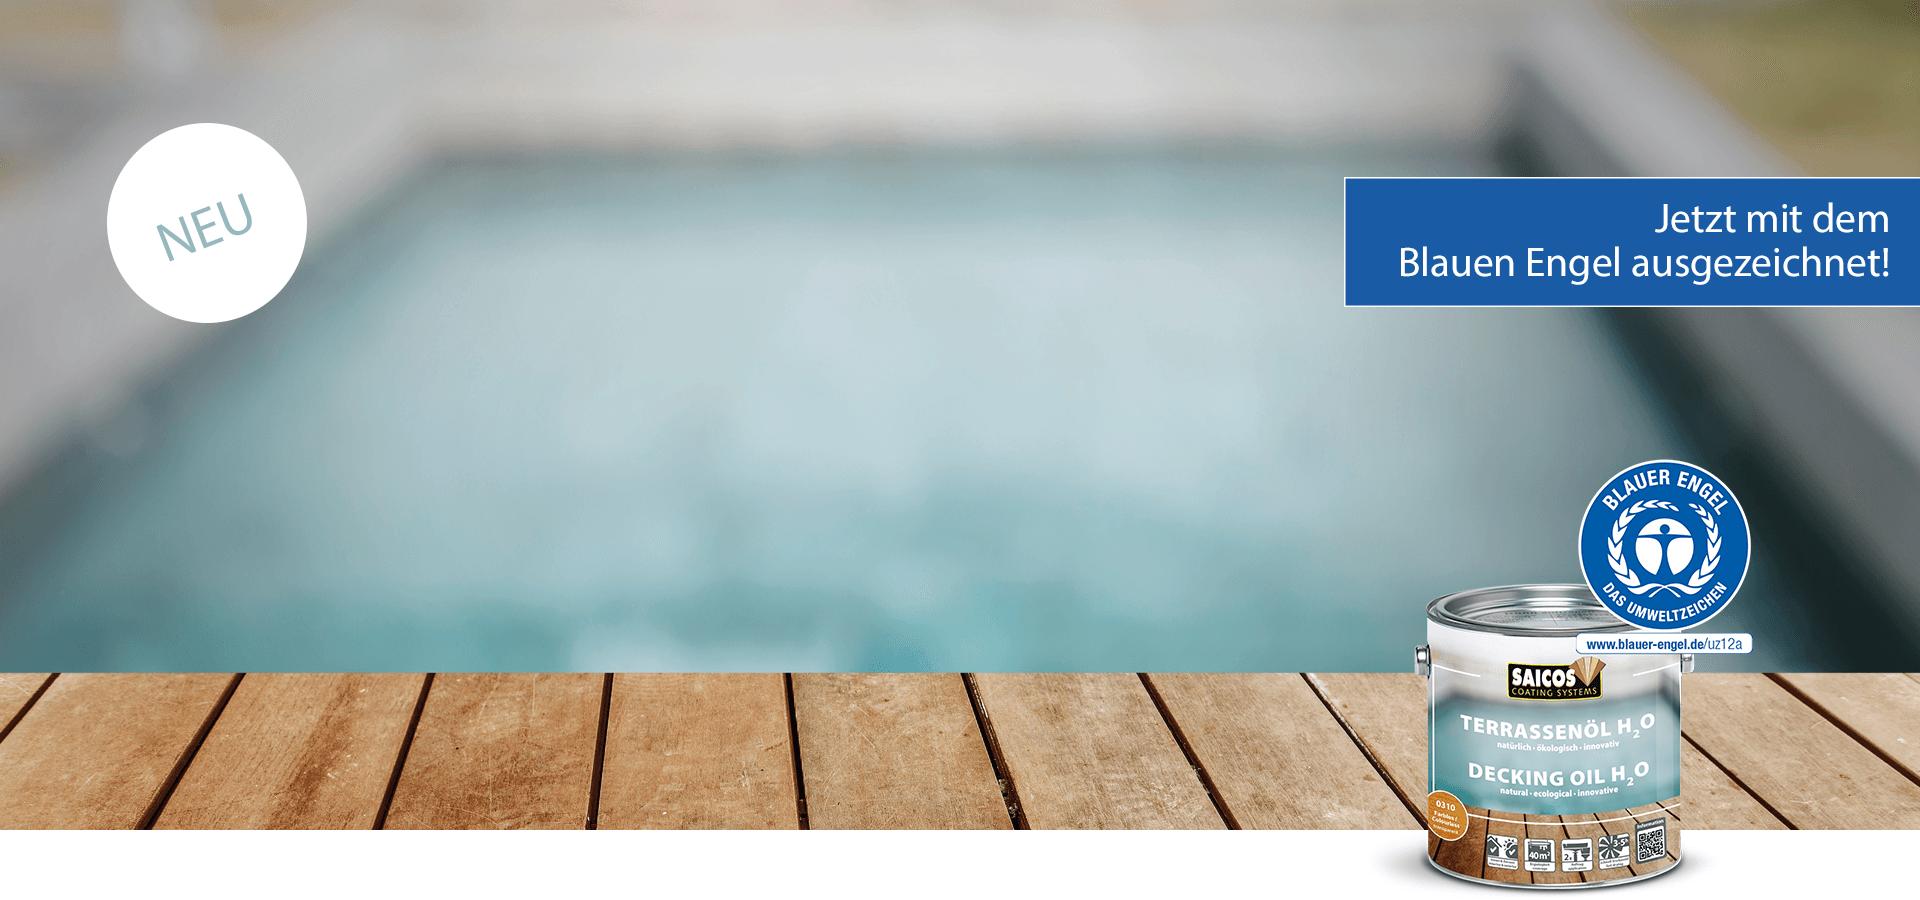 Saicos Terrassenöl H2O blauer engel